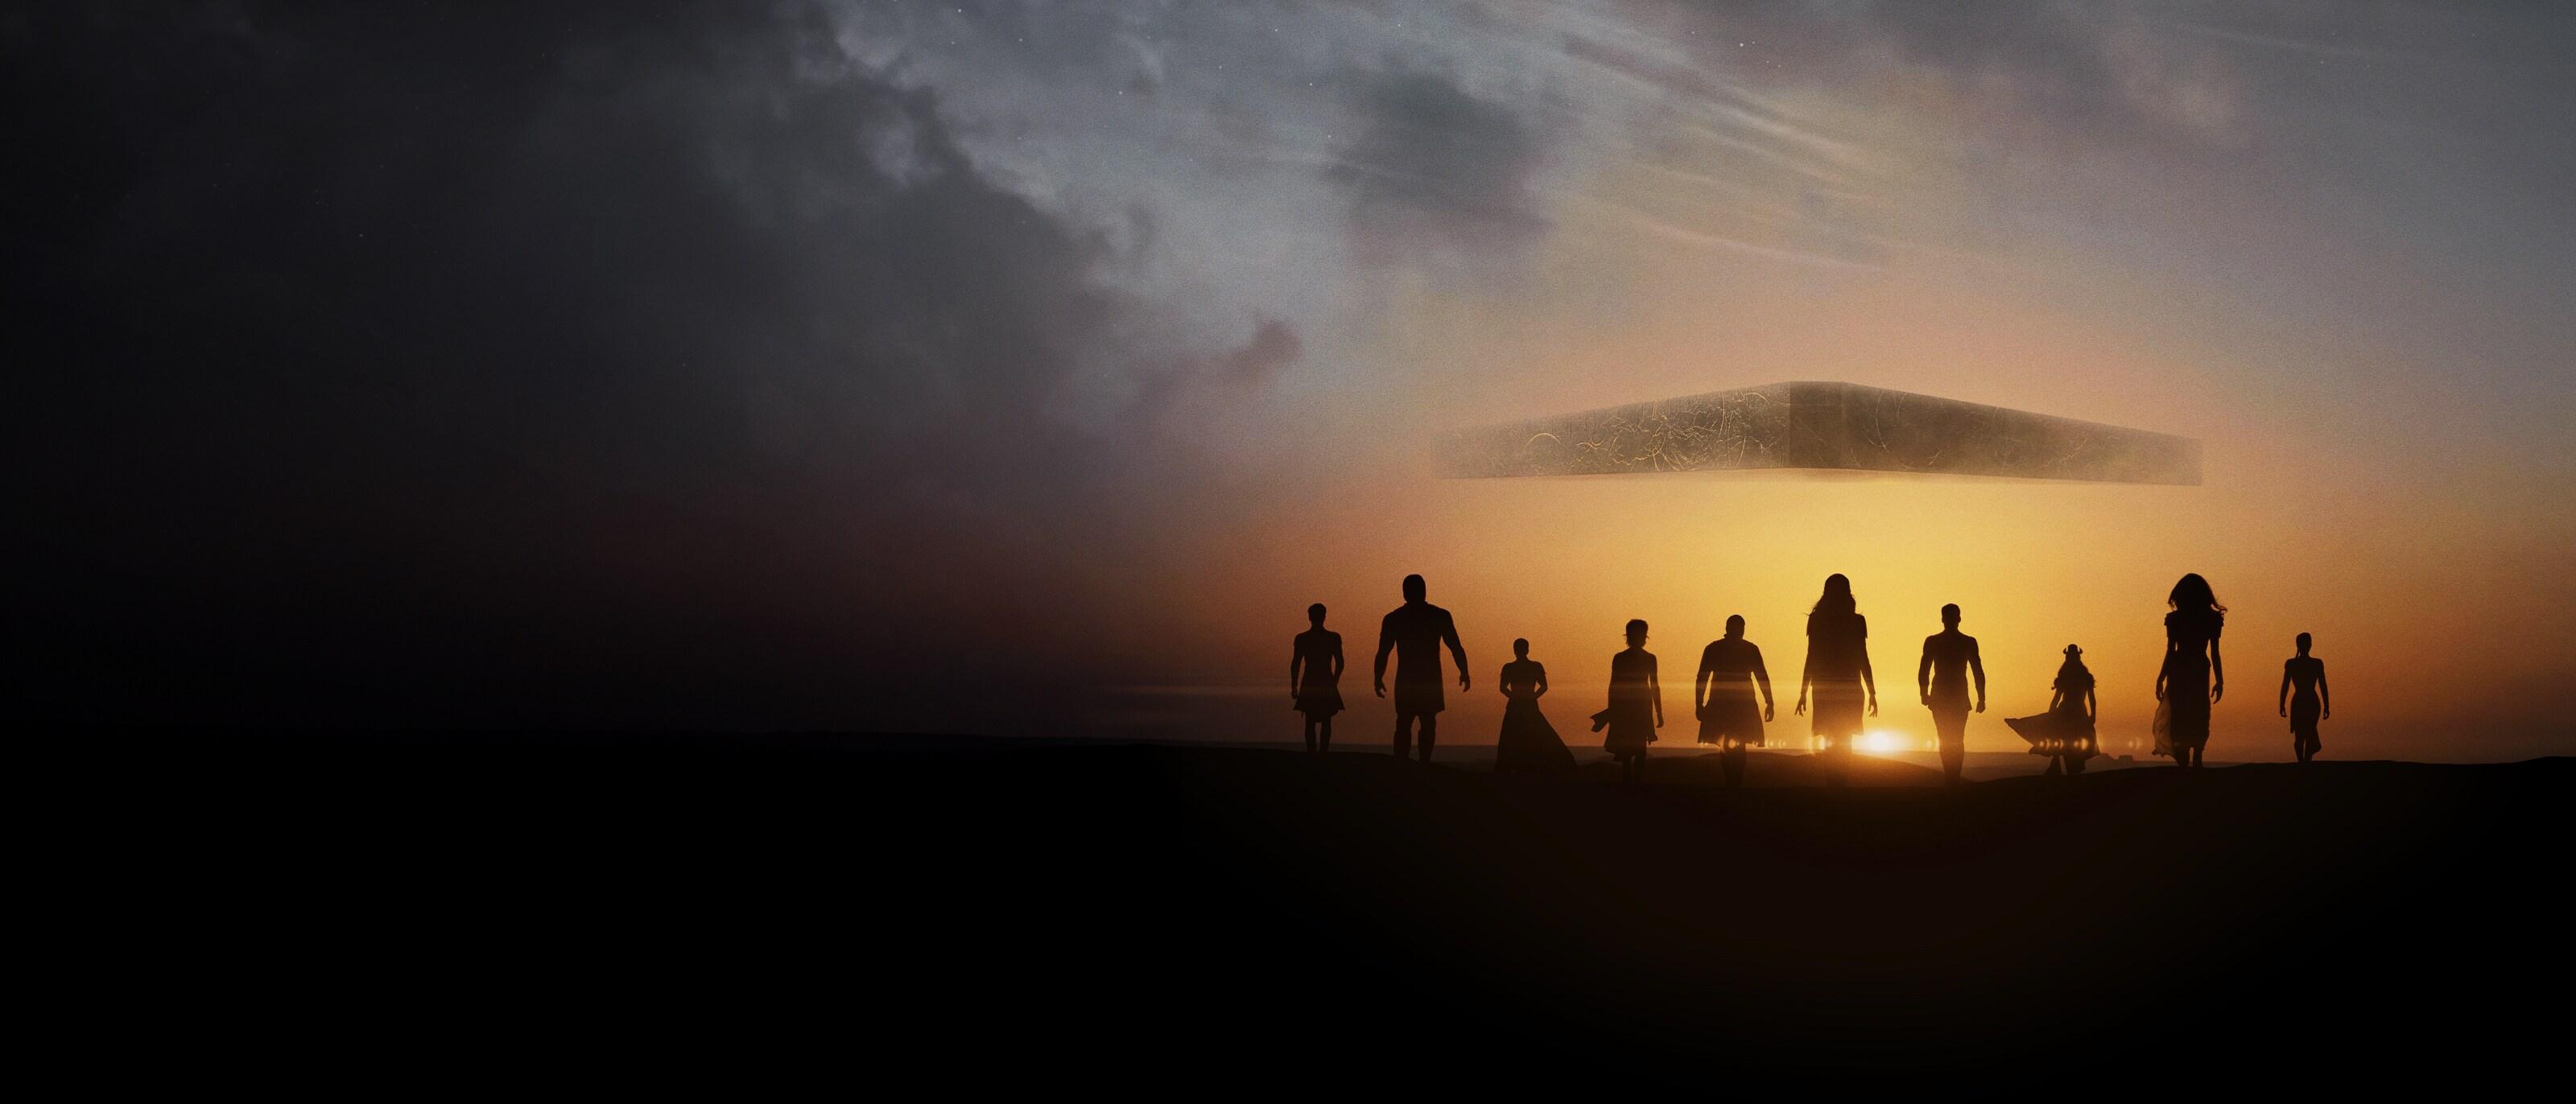 Lue lisää elokuvasta Eternals